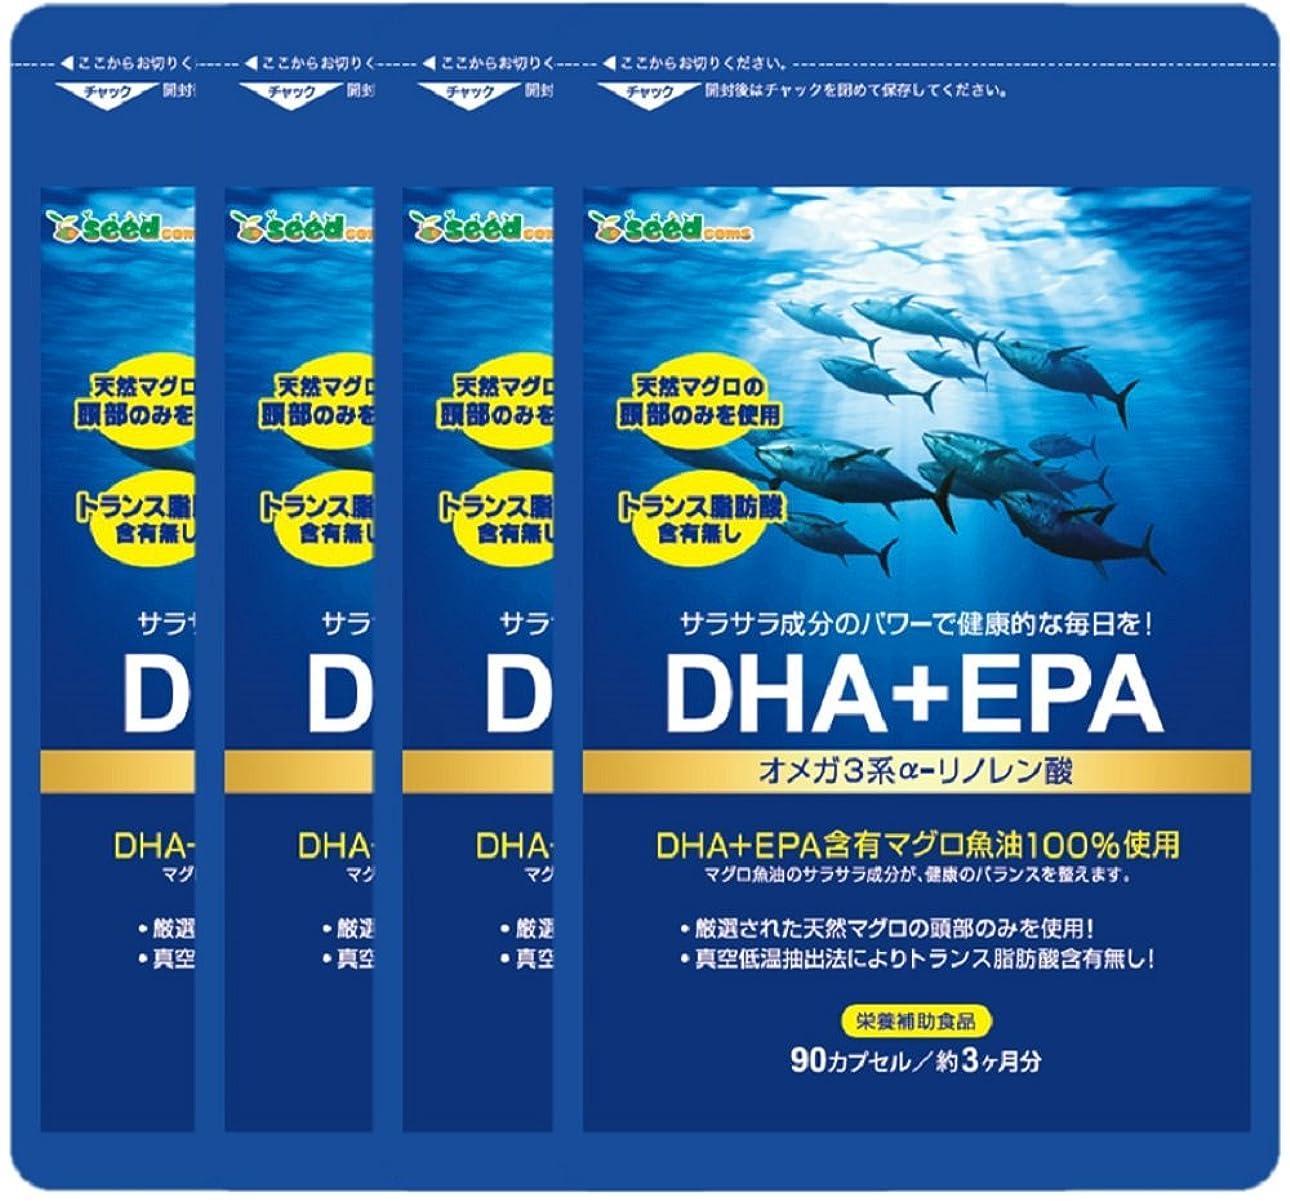 法王悪用商品DHA+EPA 約12ケ月分 (オメガ系α-リノレン酸) ビンチョウマグロの頭部のみを贅沢に使用!!トランス脂肪酸0㎎